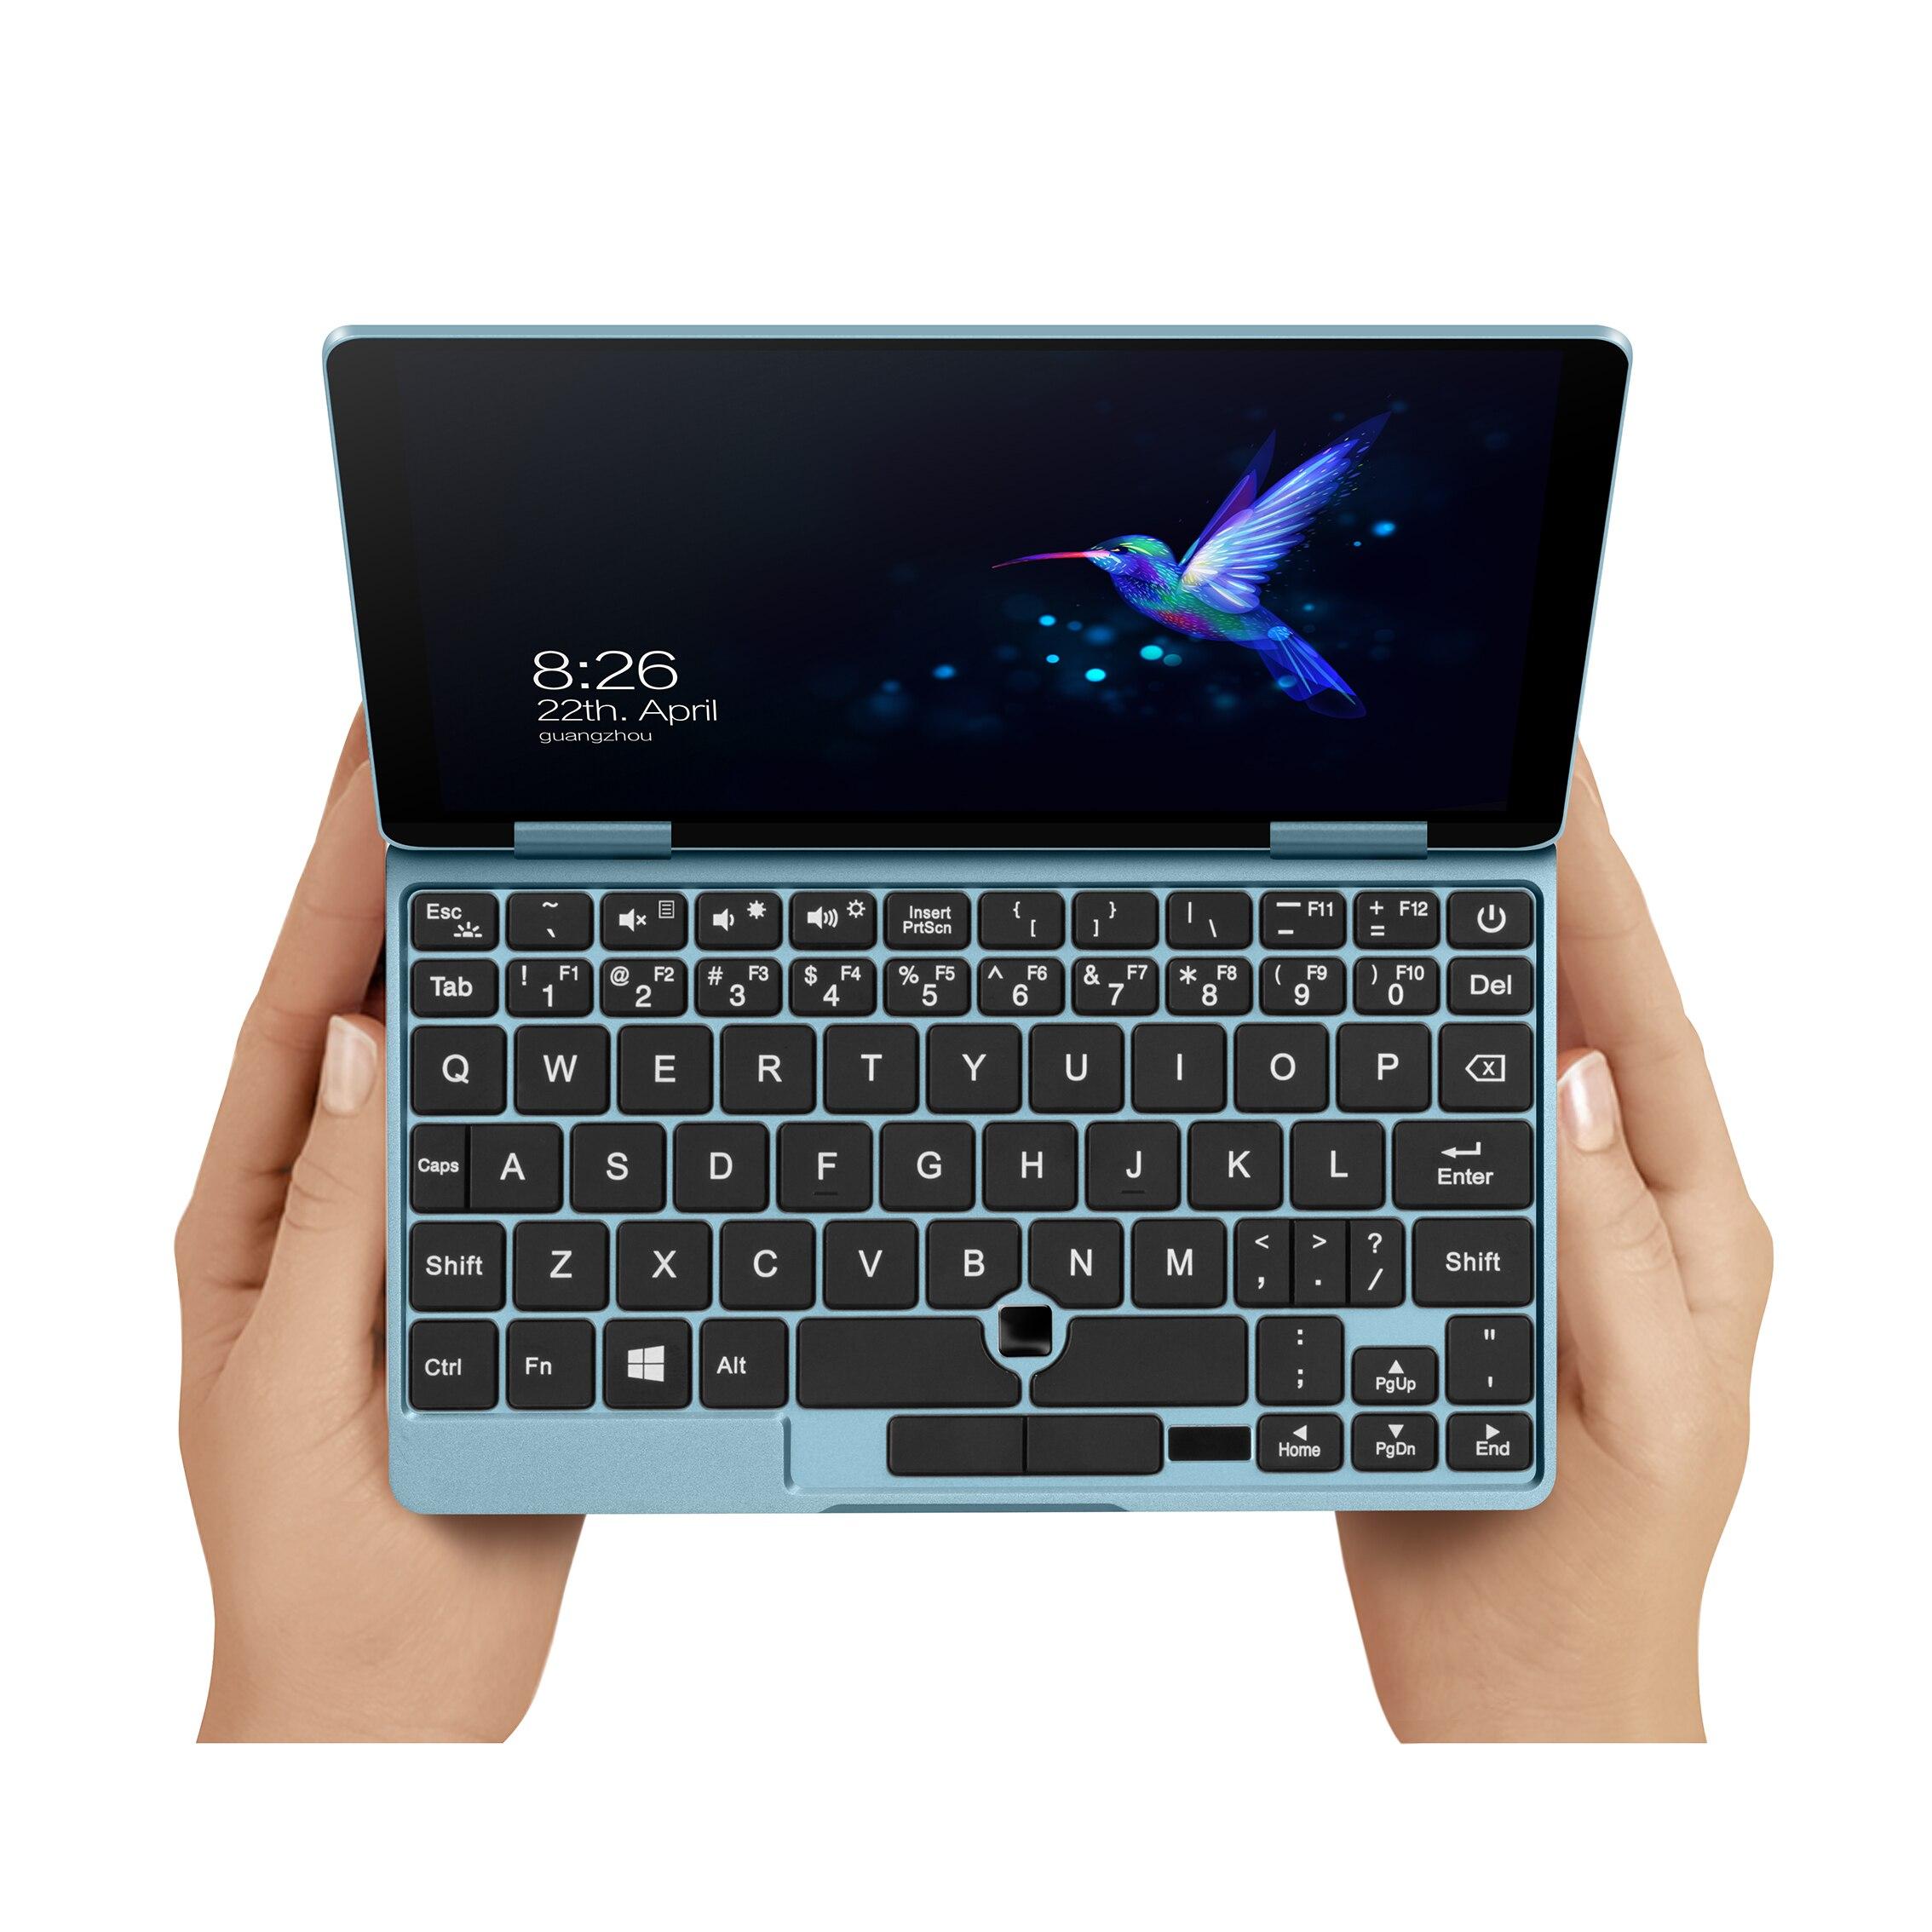 Нетбук One Mix 1S +, карманный ноутбук для йоги, Intel Core, мини-ПК с диагональю 7 дюймов, IPS 1920*1200, сенсорный экран, Win10, 8 Гб ОЗУ, 256 ГБ SSD